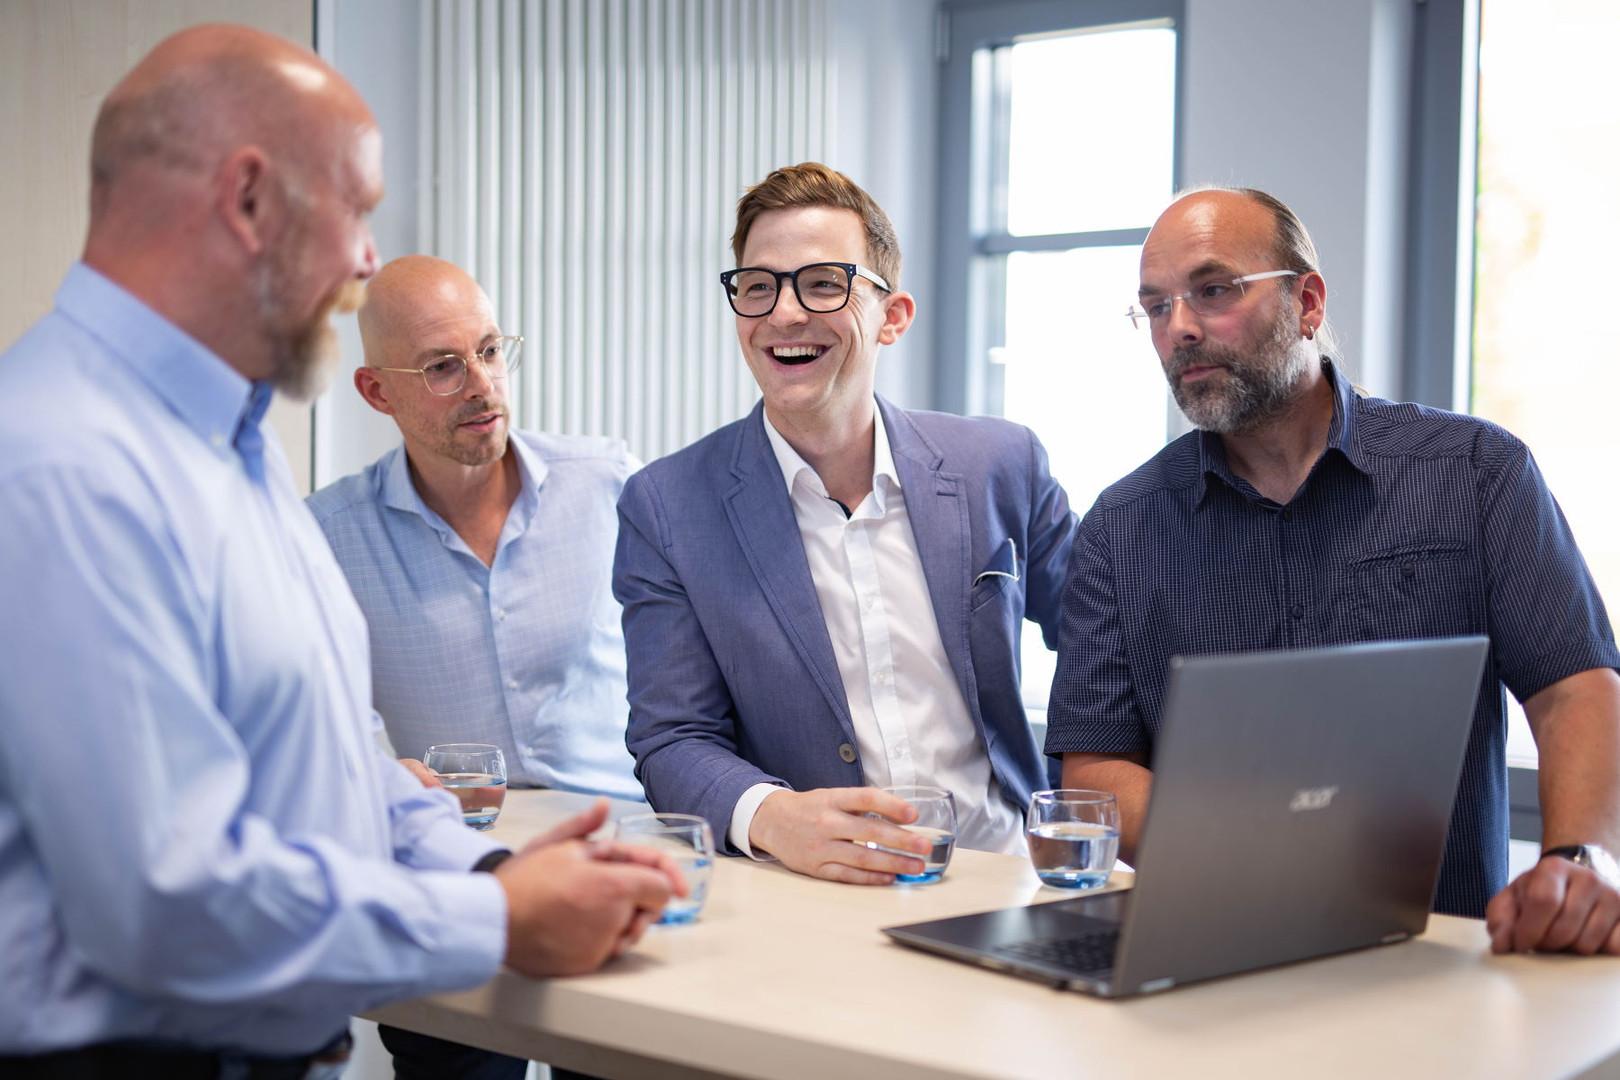 Tautges_Marketing_Agency_Eifel